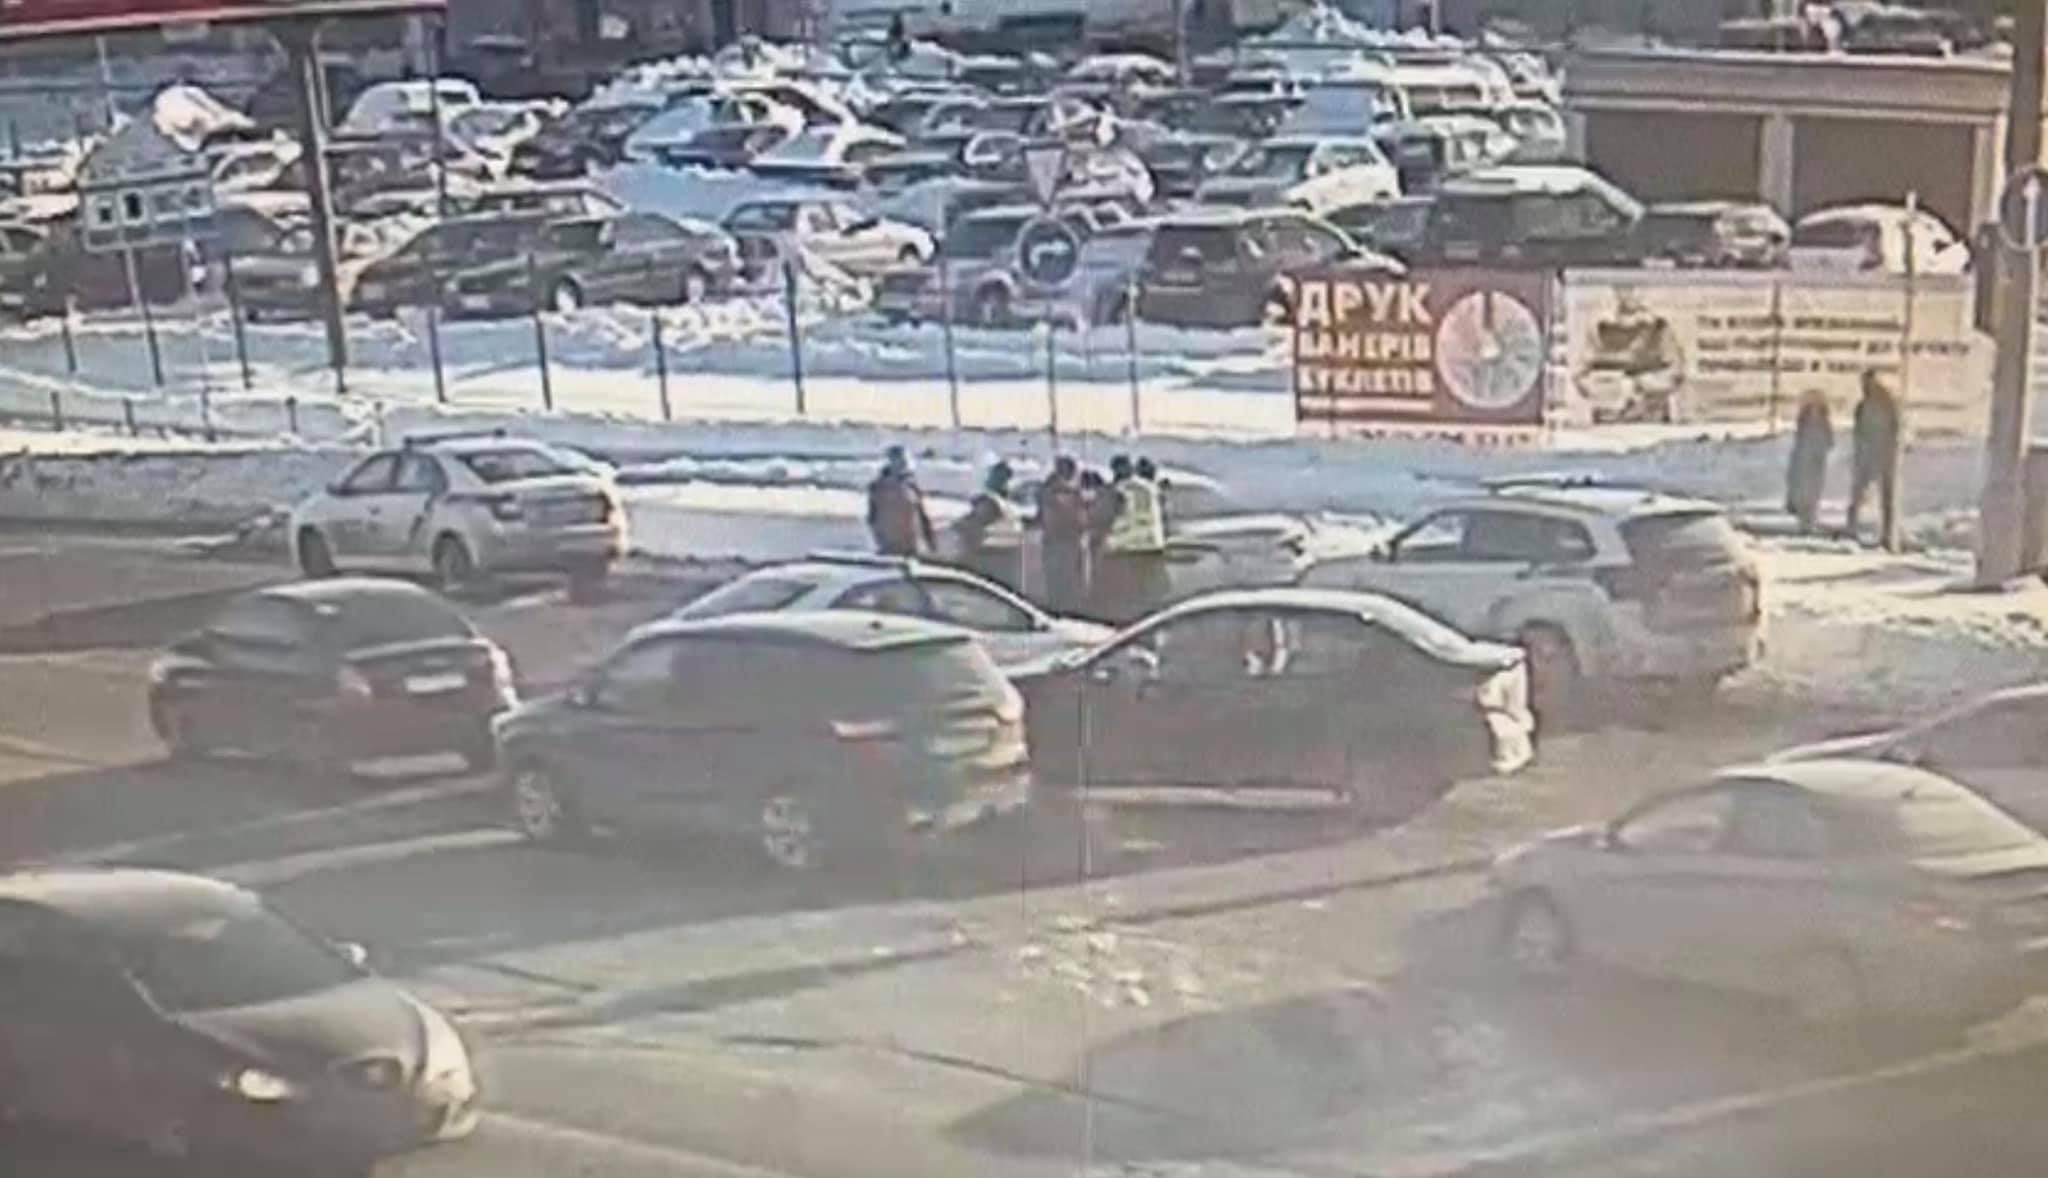 Водитель, жестоко убивший человека в центре Киева, оказался гражданином Азербайджана